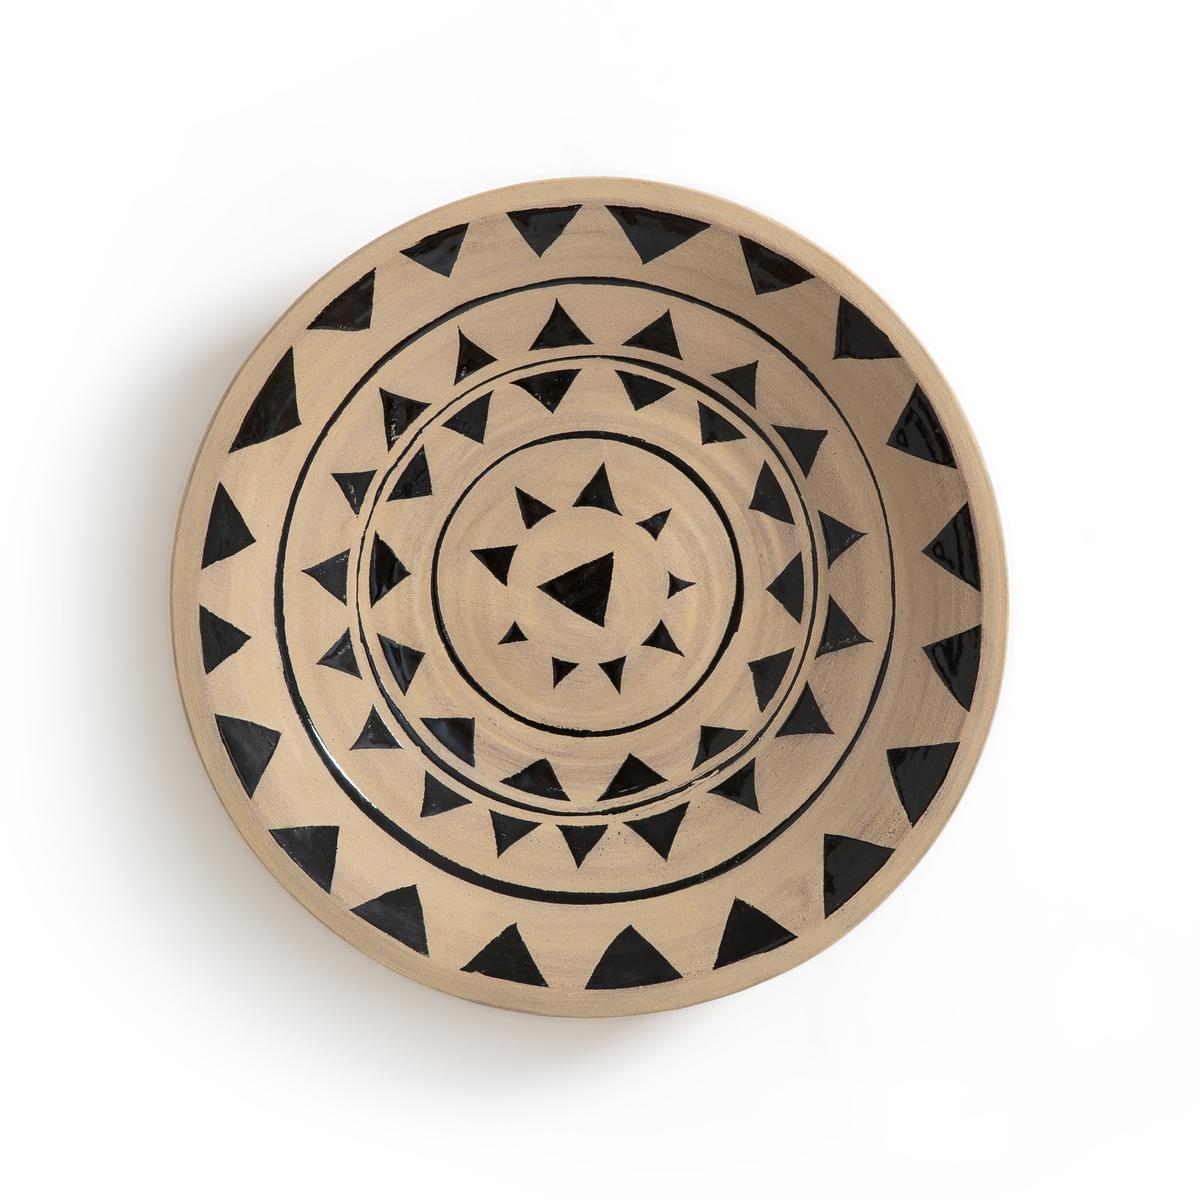 Украшение настенное, ?34 см, рисунок 1, SombralНастенное украшение Sombral. Из керамики. 3 модели с различным рисунком, представленные на нашем сайте, которые можно сочетать для оригинального настенного украшения в этническом стиле. Пластина для крепления на стену (винт и дюбель продаются отдельно). Размеры: ?34 x В7 см.<br><br>Цвет: черный